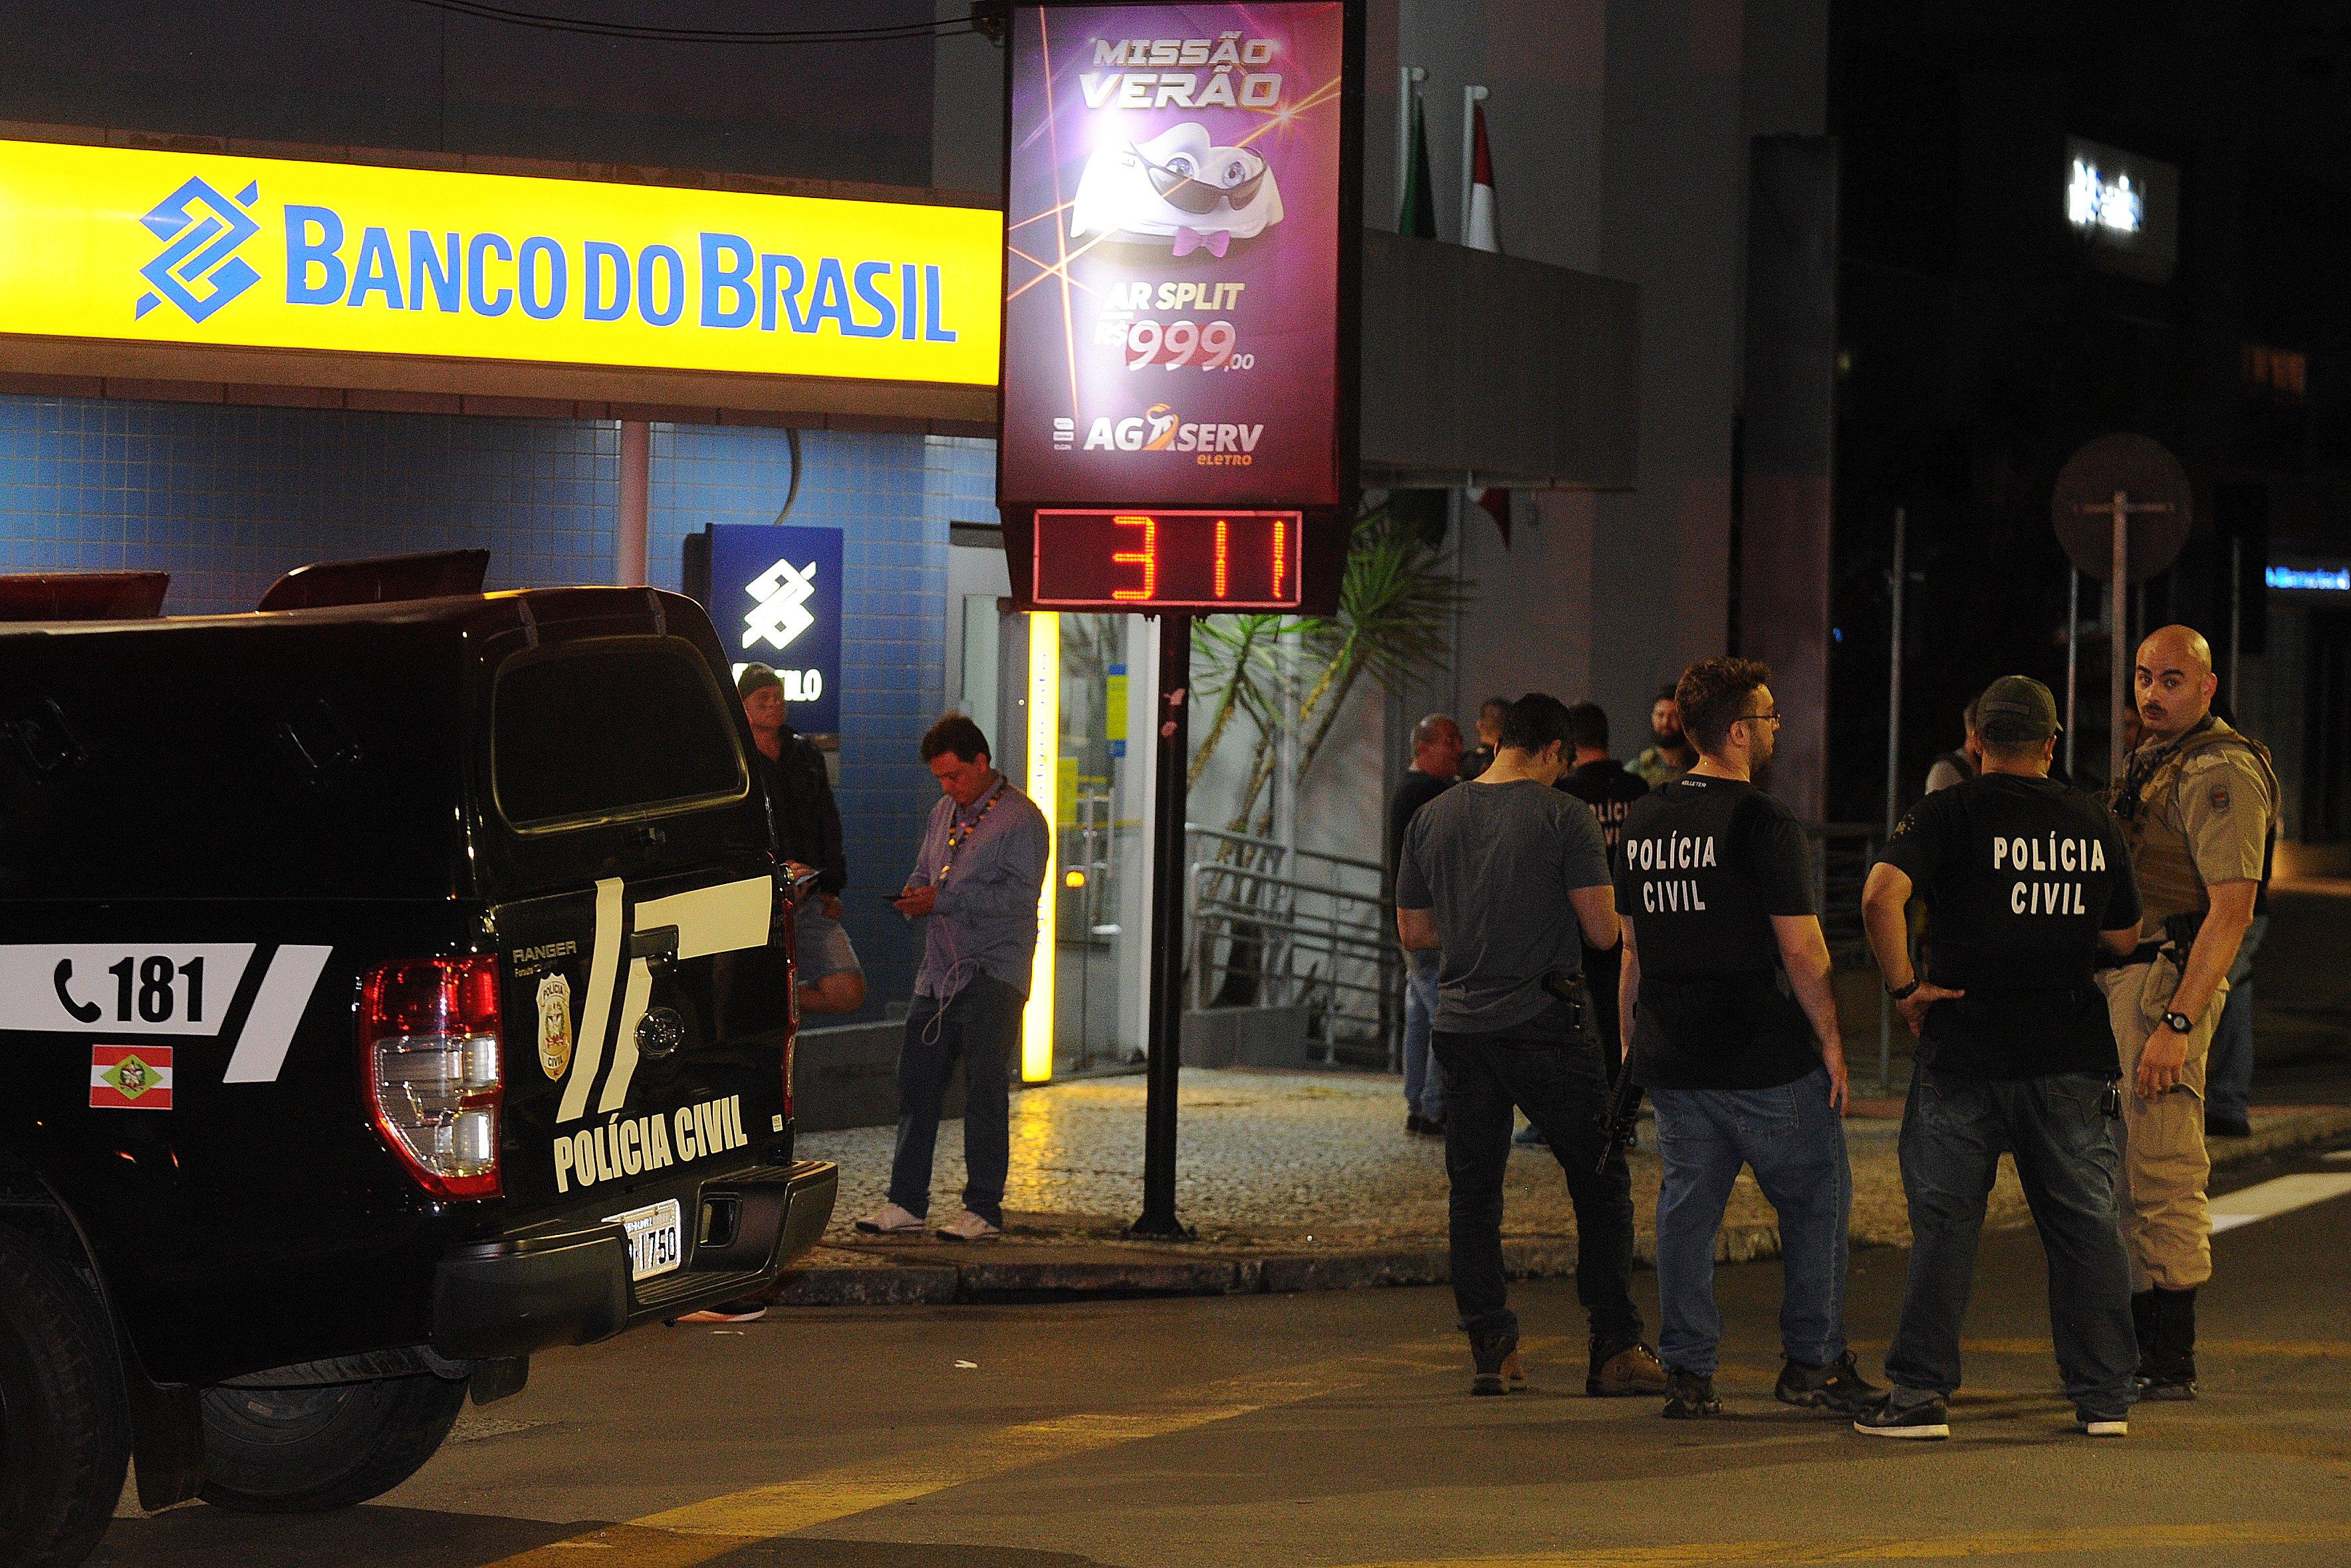 Criciúma registrou intensos disparos, com criminosos atacando bancos